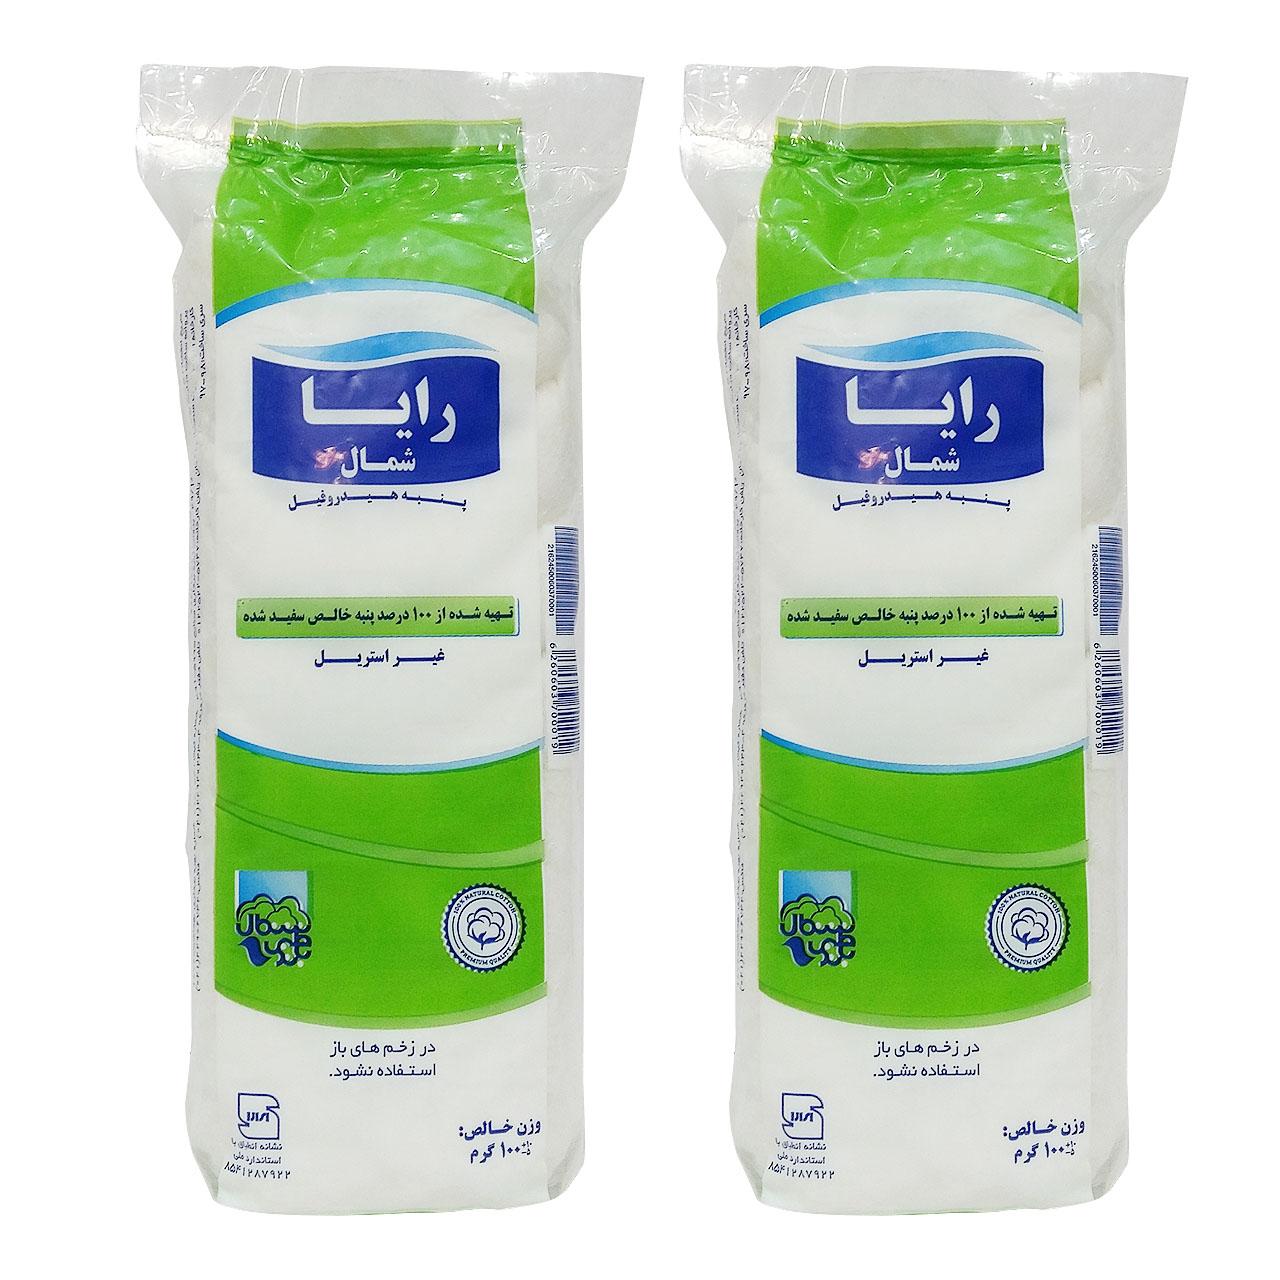 قیمت پنبه بهداشتی رایا کد 01 بسته 2 عددی